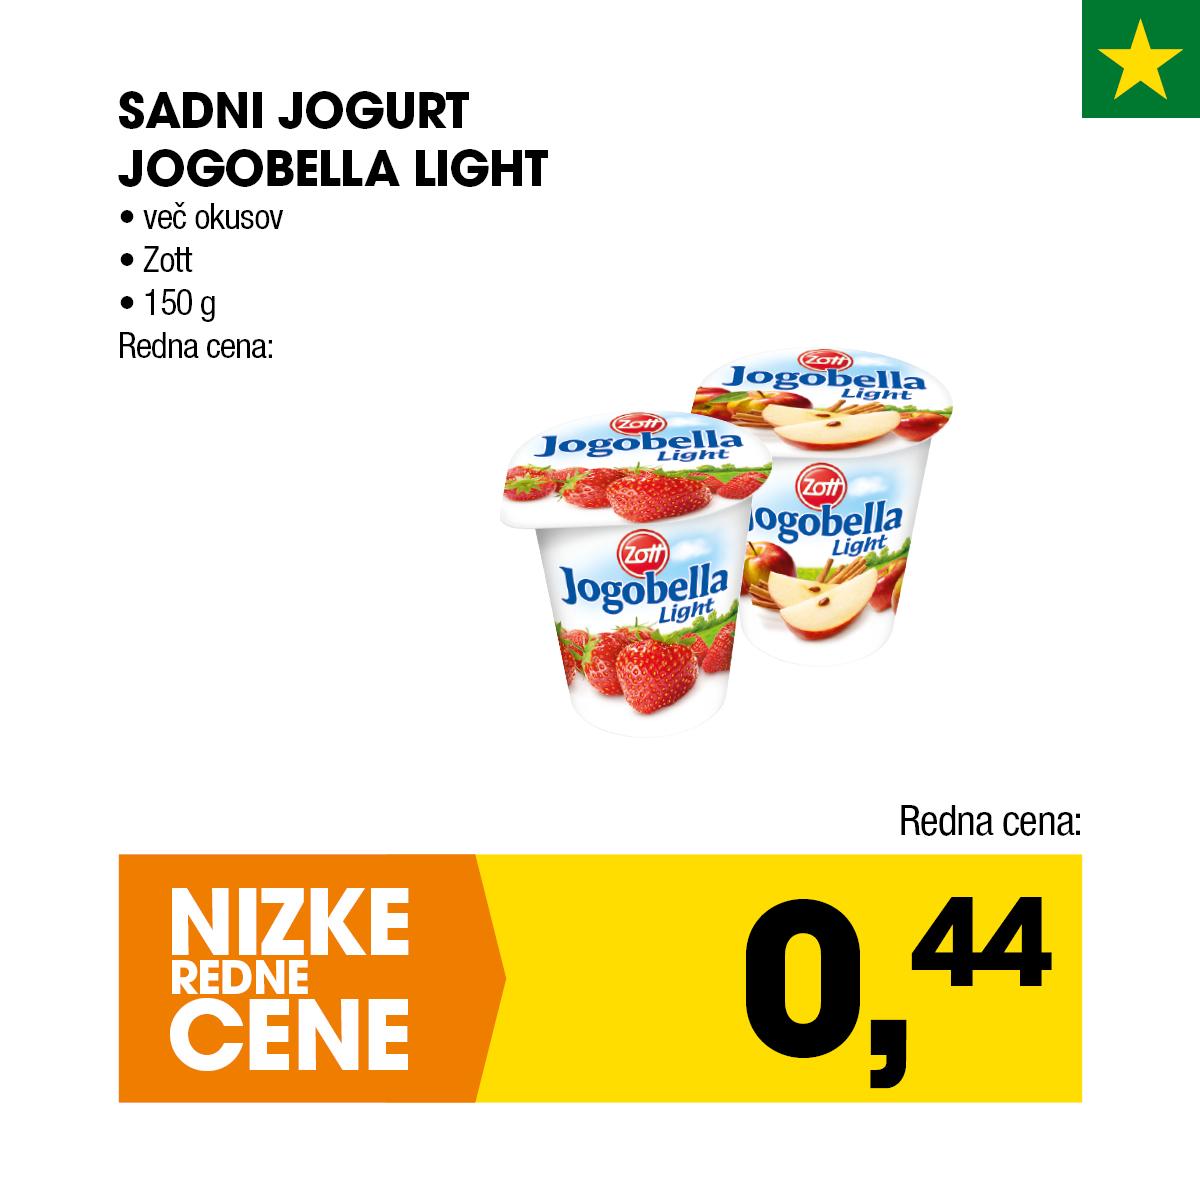 Nizke cene - Sadni jogurt Jogobella Light